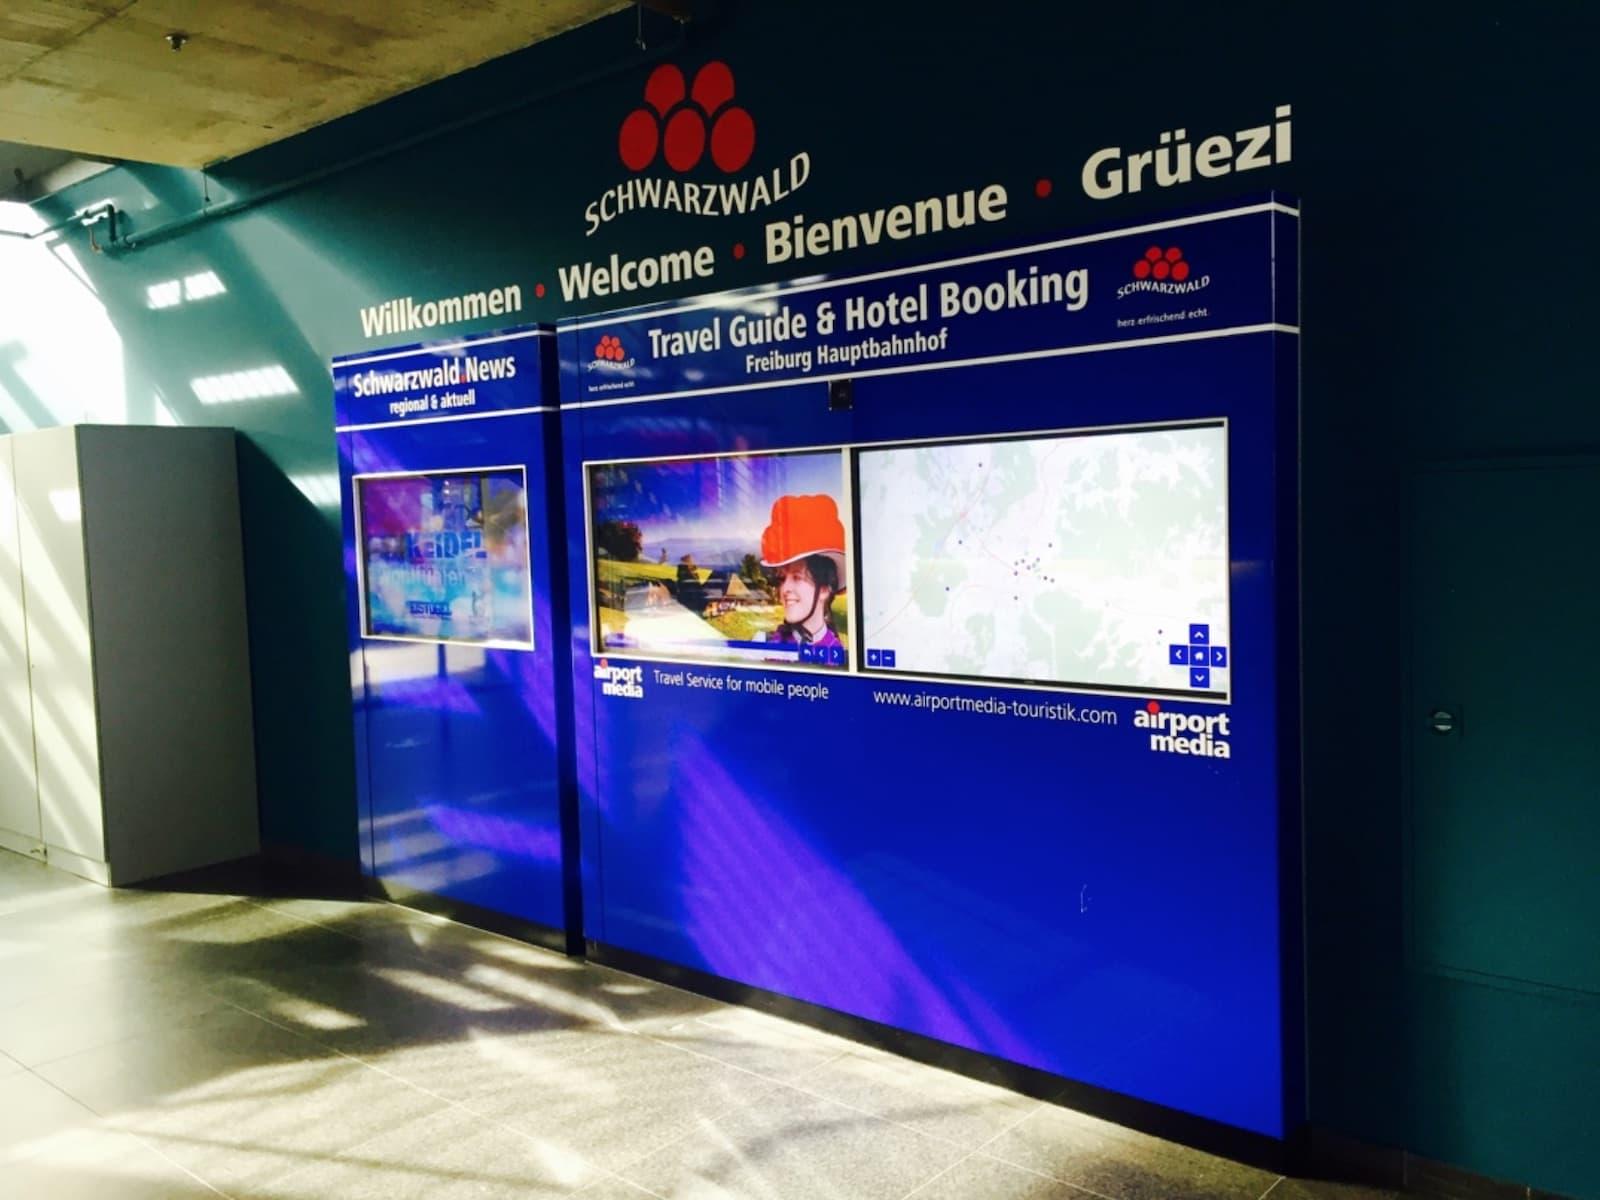 Info-Tafel mit sprachgerechter Ansprache der Marke Schwarzwald für Touristen im Hauptbahnhof in Freiburg im Breisgau